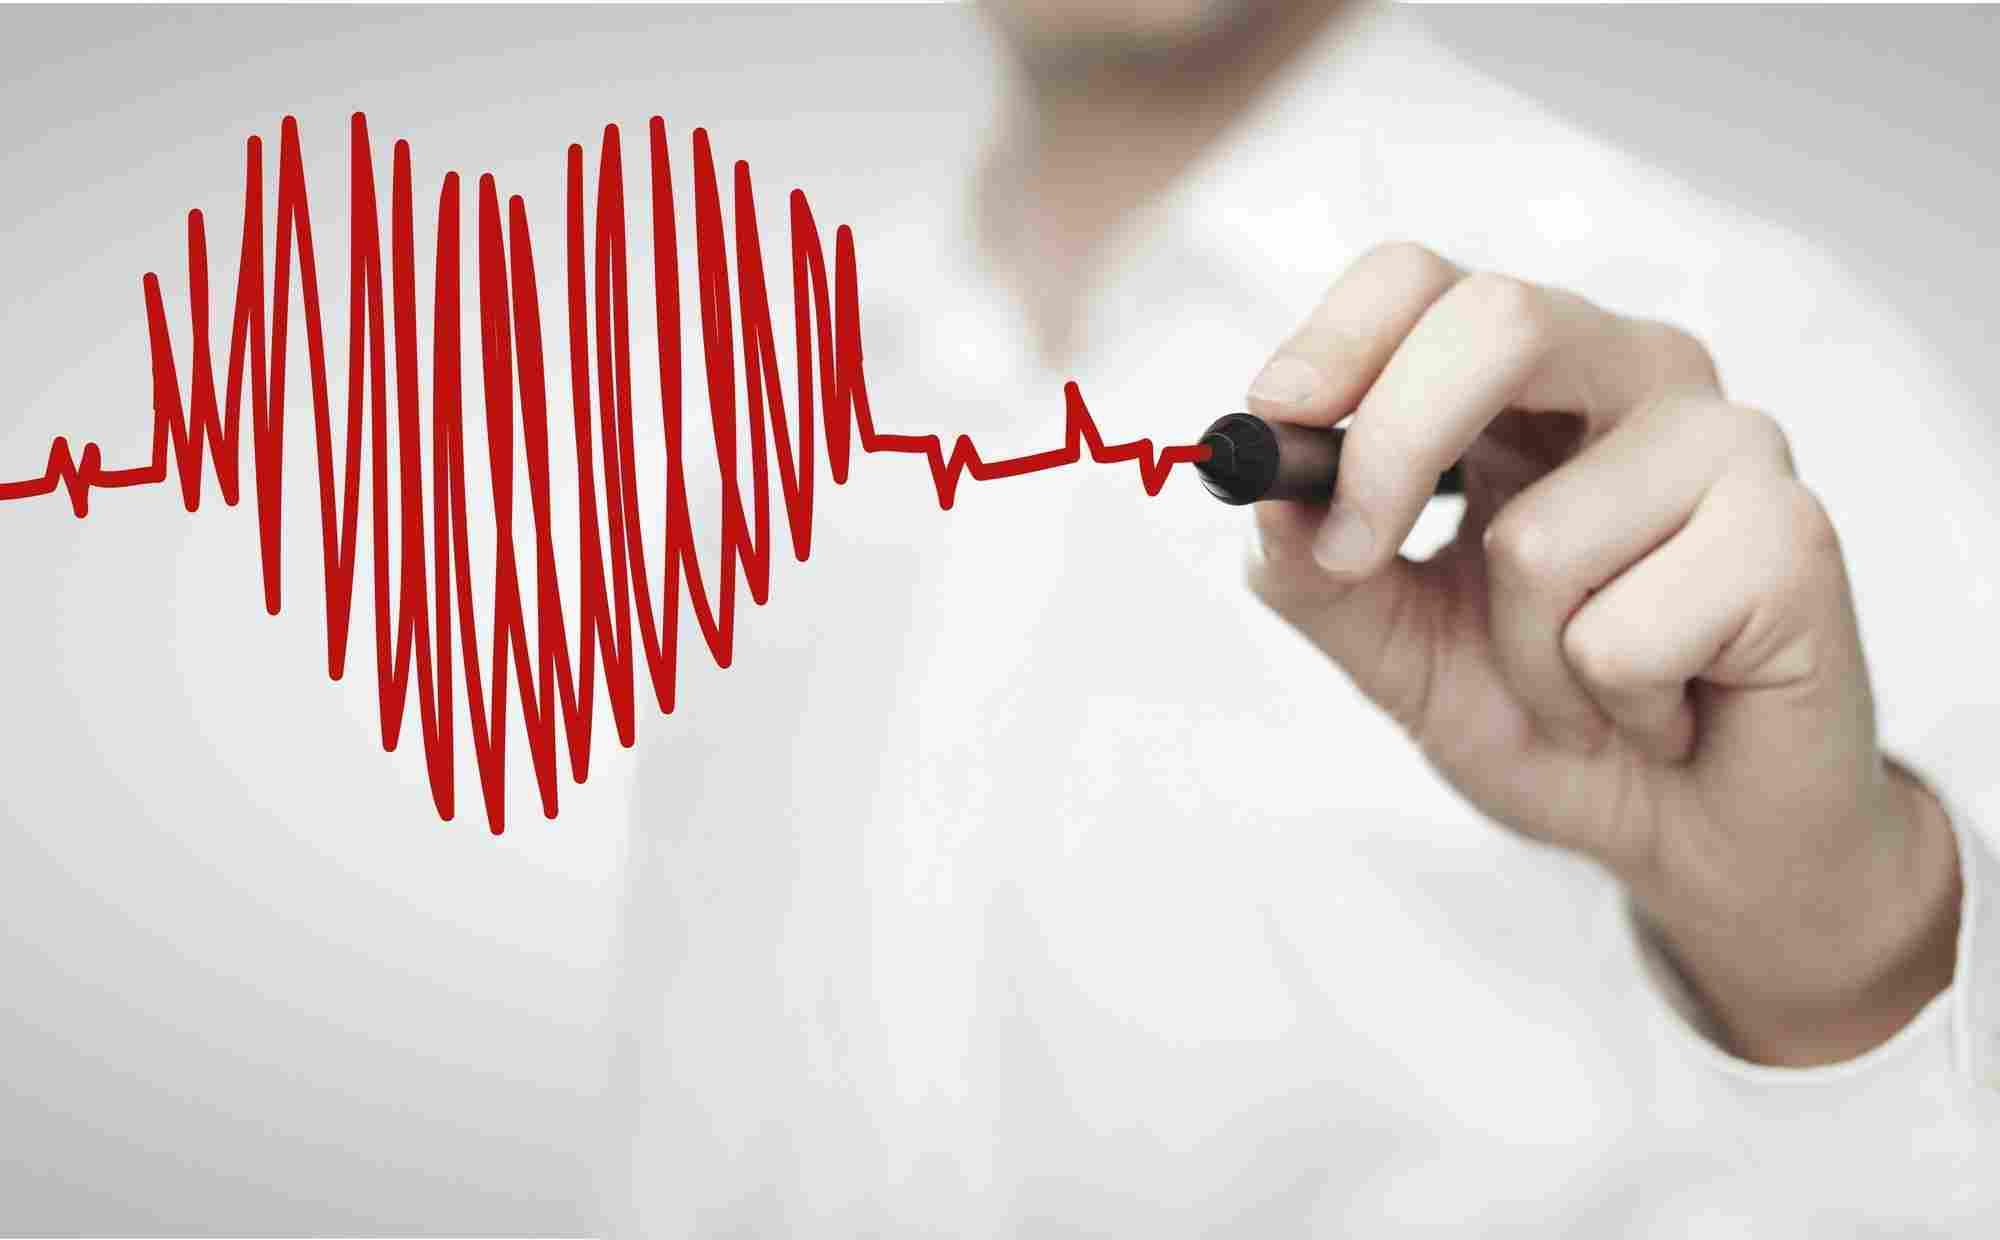 http://www.nzoz-promed.pl/wp-content/uploads/2015/12/heart-health-1.jpg